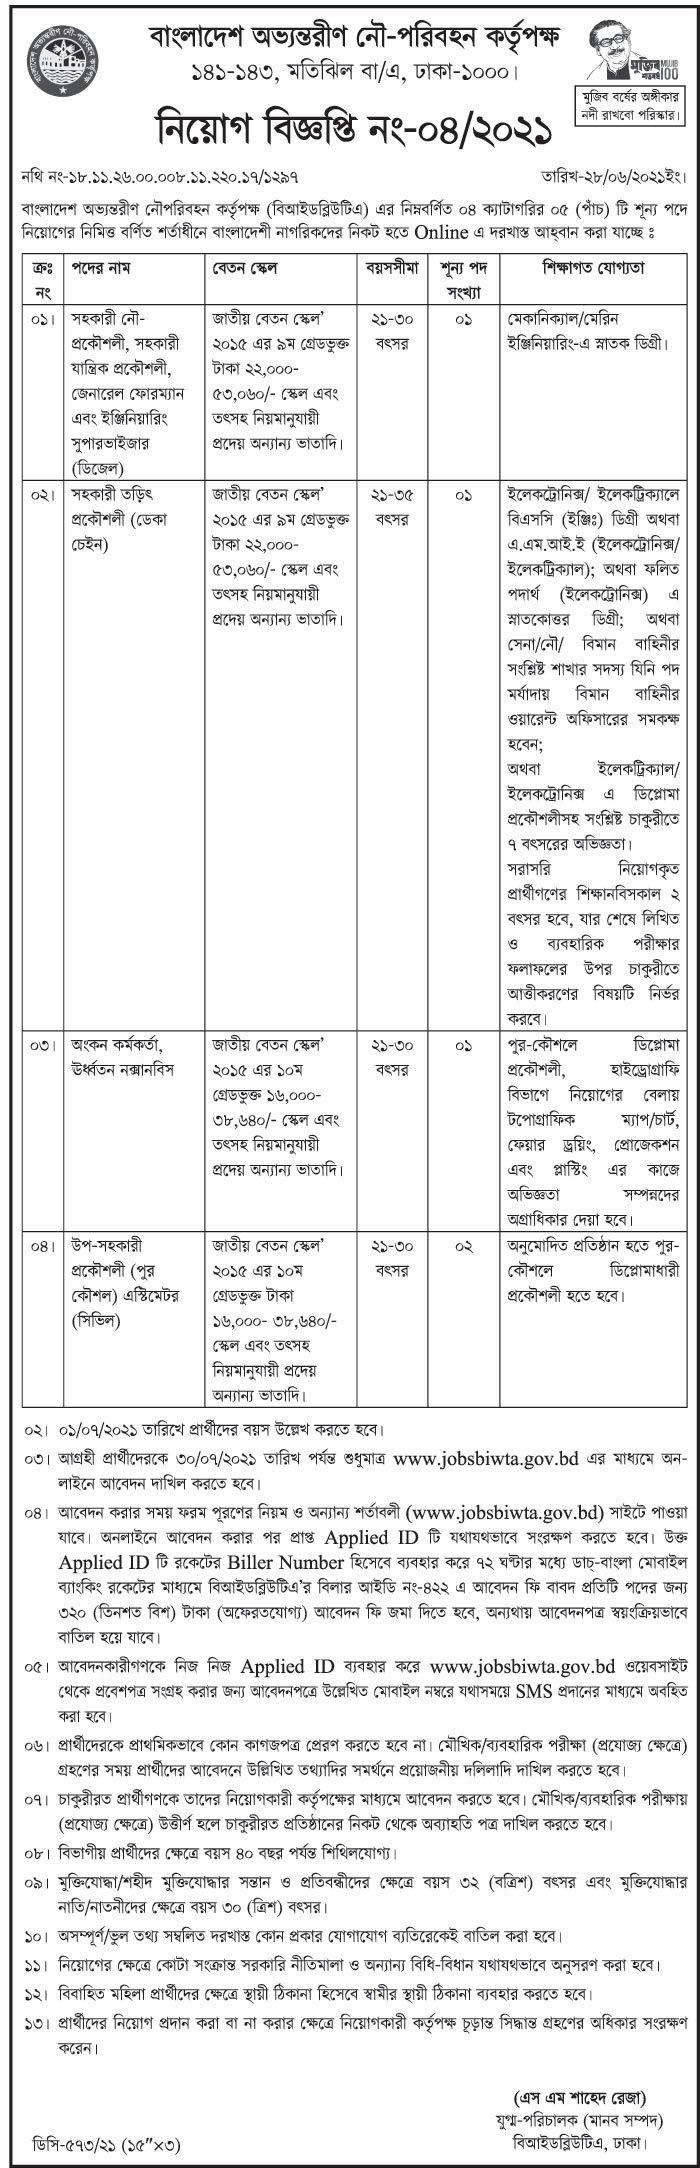 BIWTA Job Circular 2021